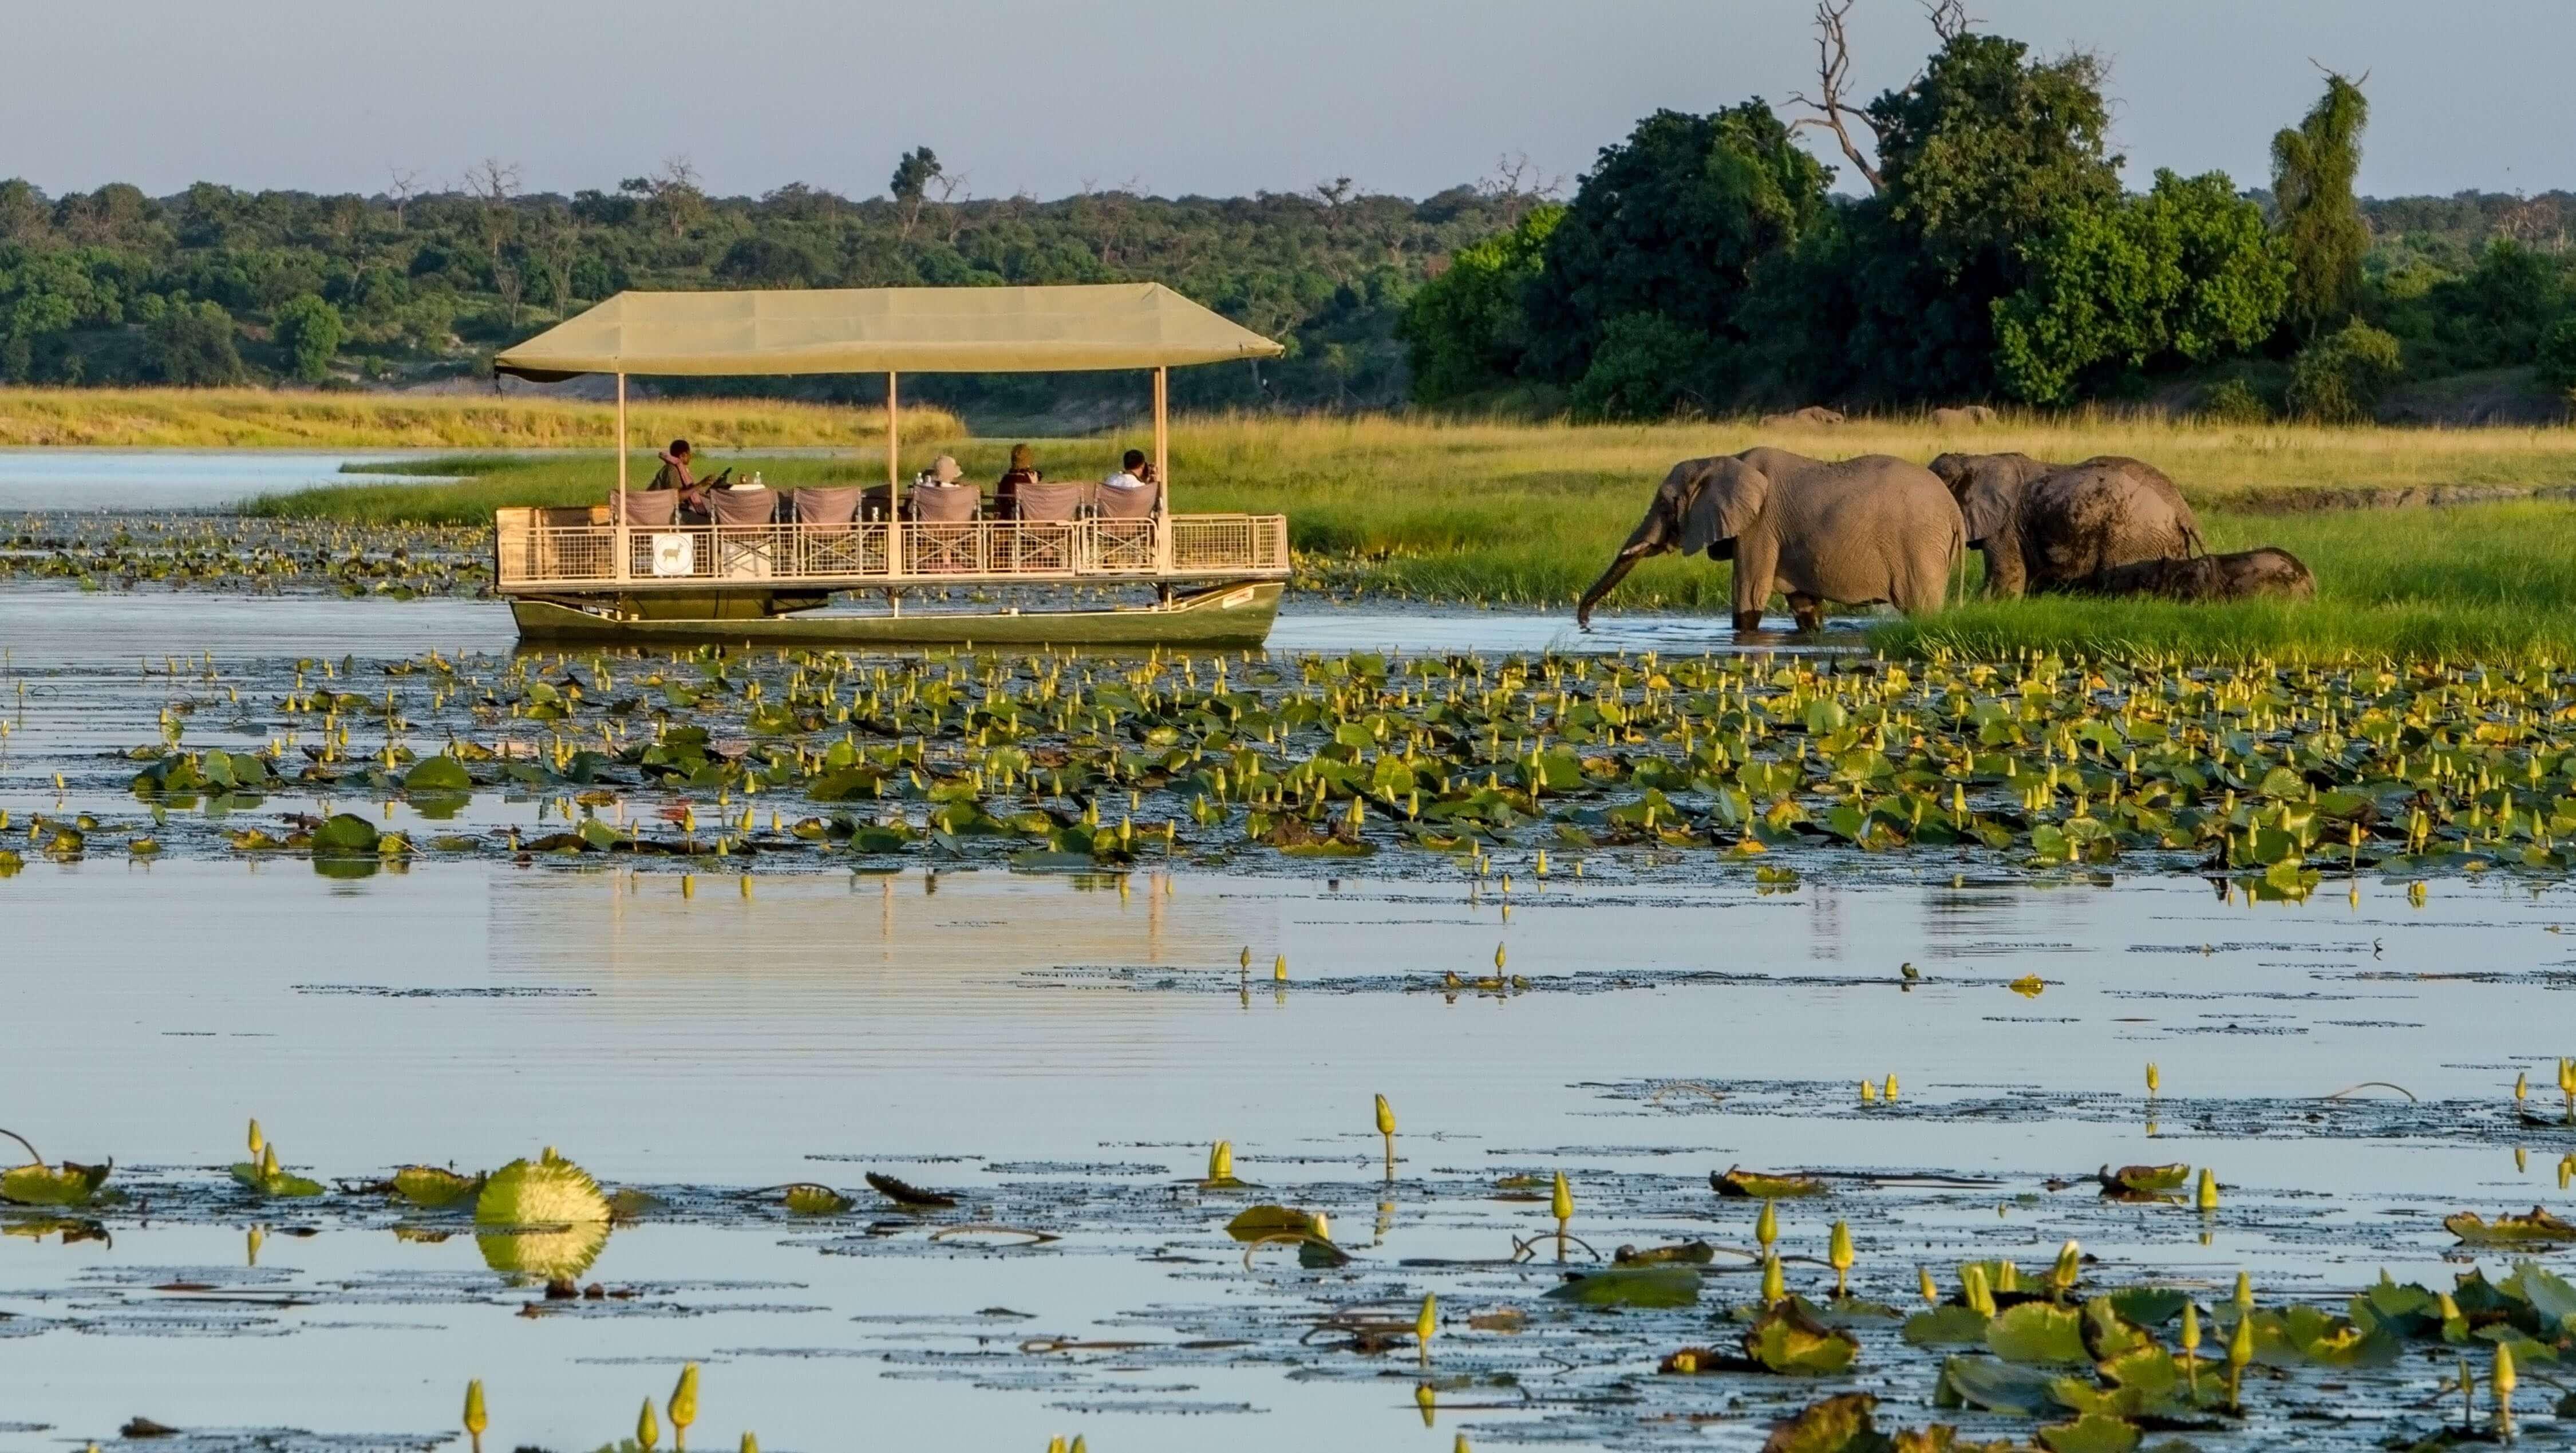 Impressions de voyage de Serge & Christine, Autotour Namibie, Botswana, Zimbabwe – Novembre 2019